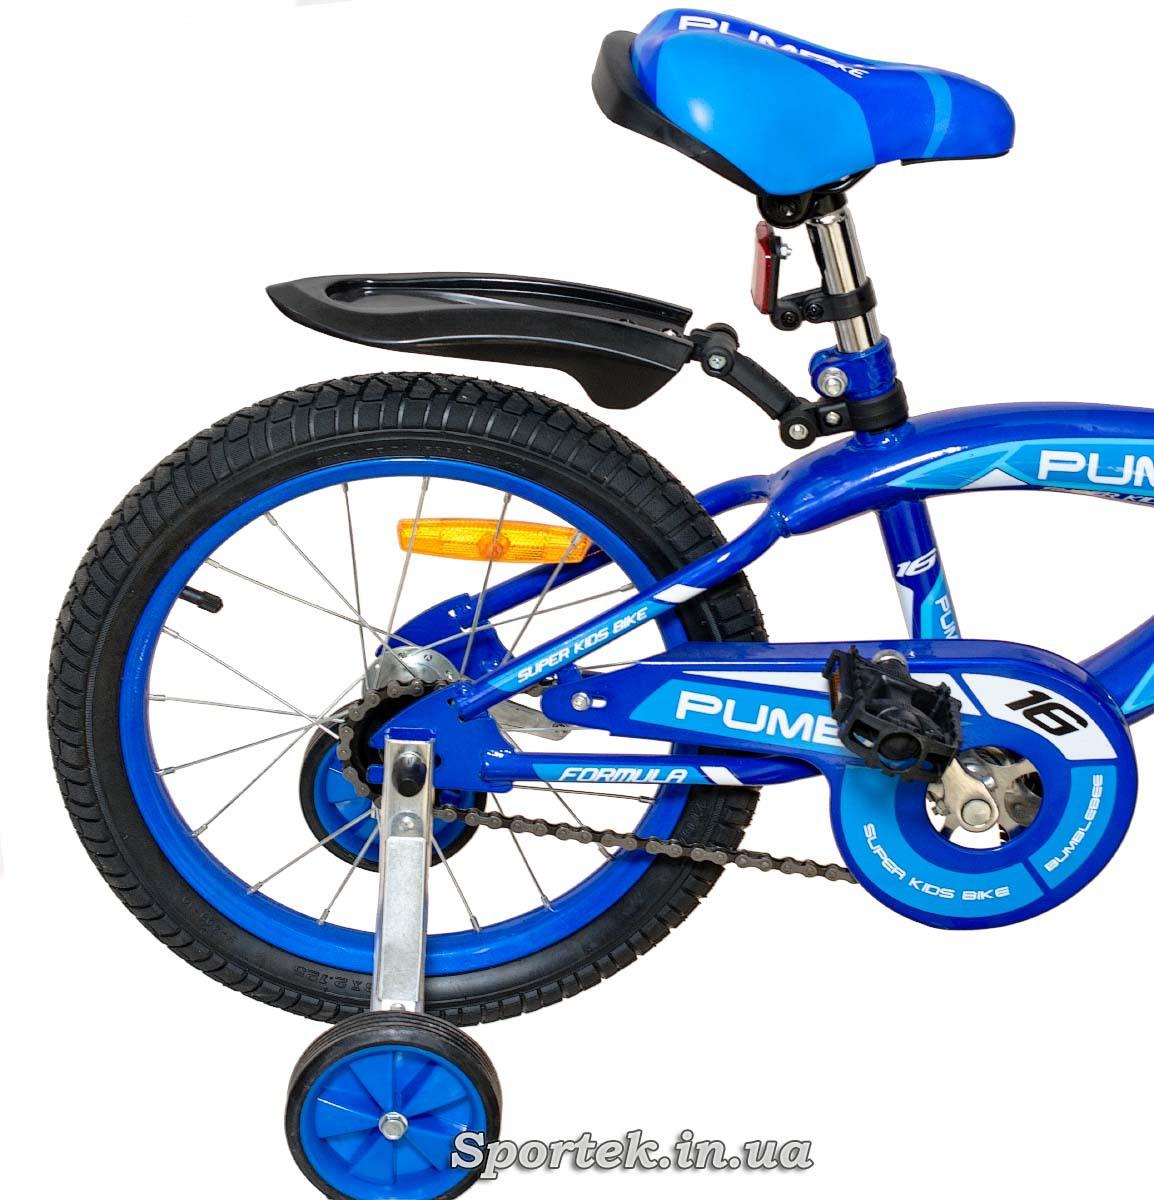 Заднее колесо  и цепь детского велосипеда Formula Pumba